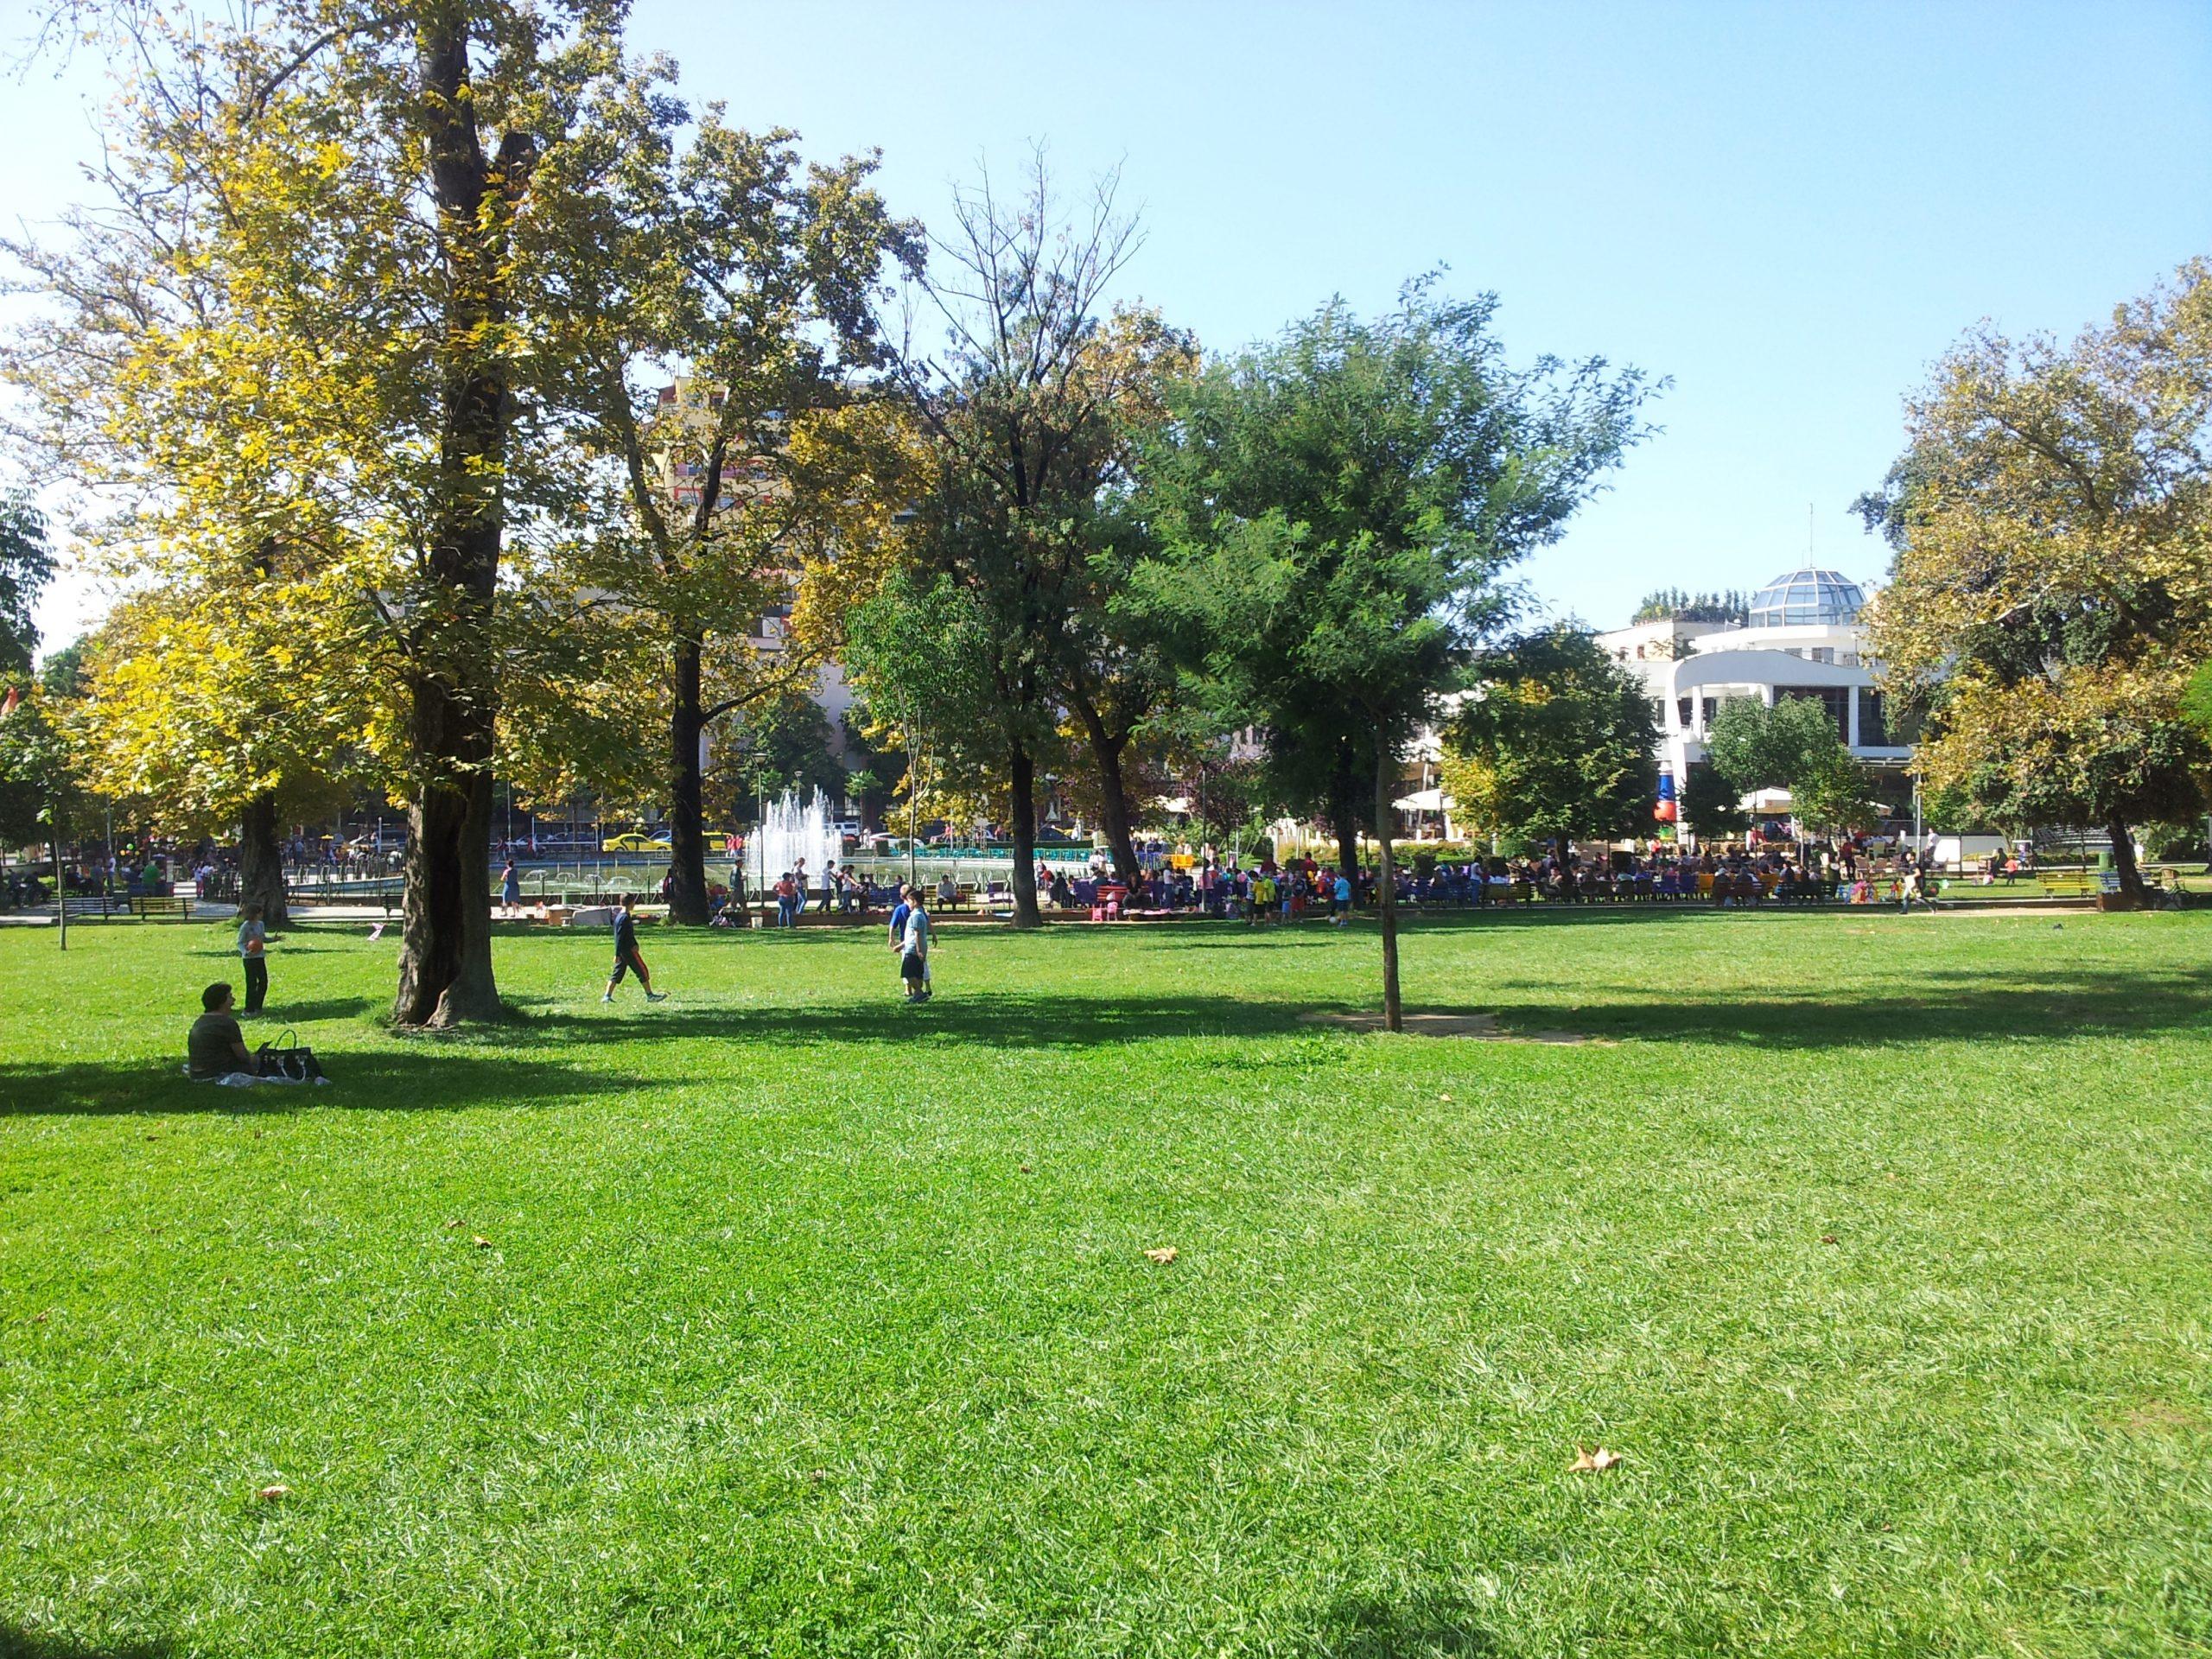 Parku Rinia do të urbanizohet: Bashkia ka vendosur ndërtimin e një këndi lojrash dhe lokaleve të shërbimit